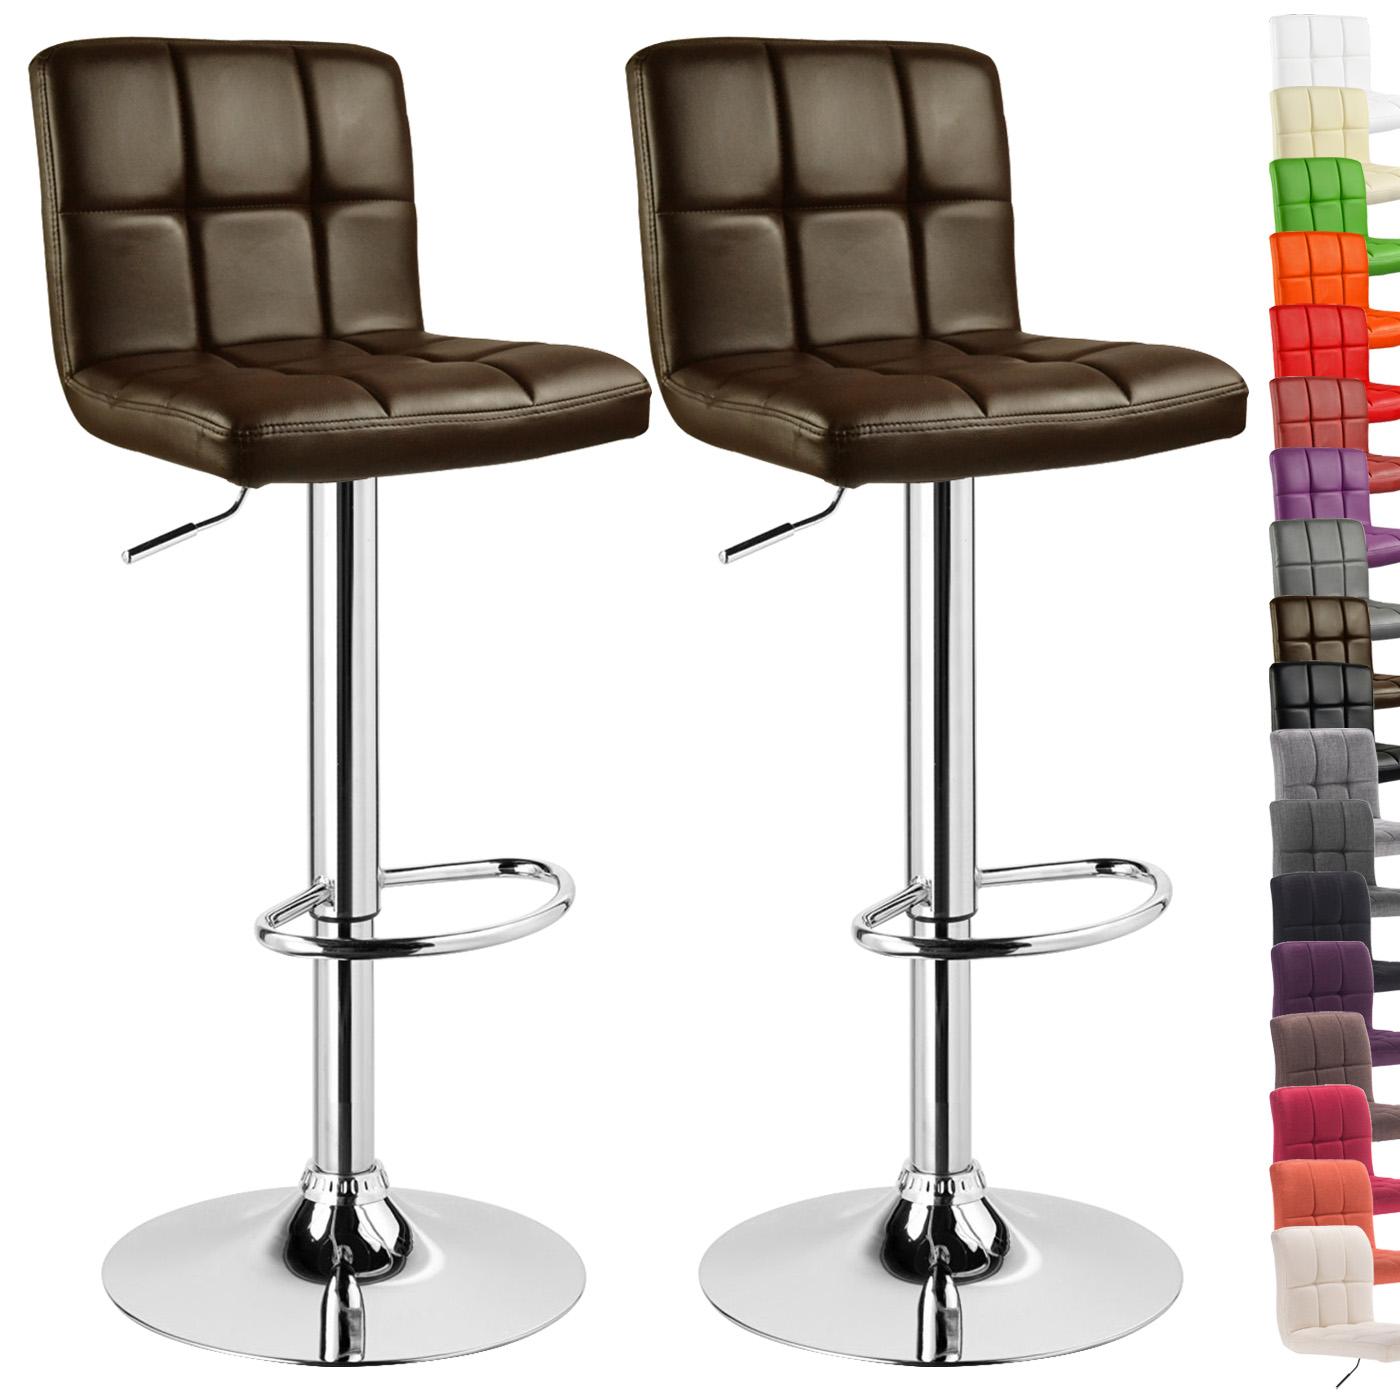 Barhocker barstuhl design stuhl gepolstert kunstleder for Barhocker 24